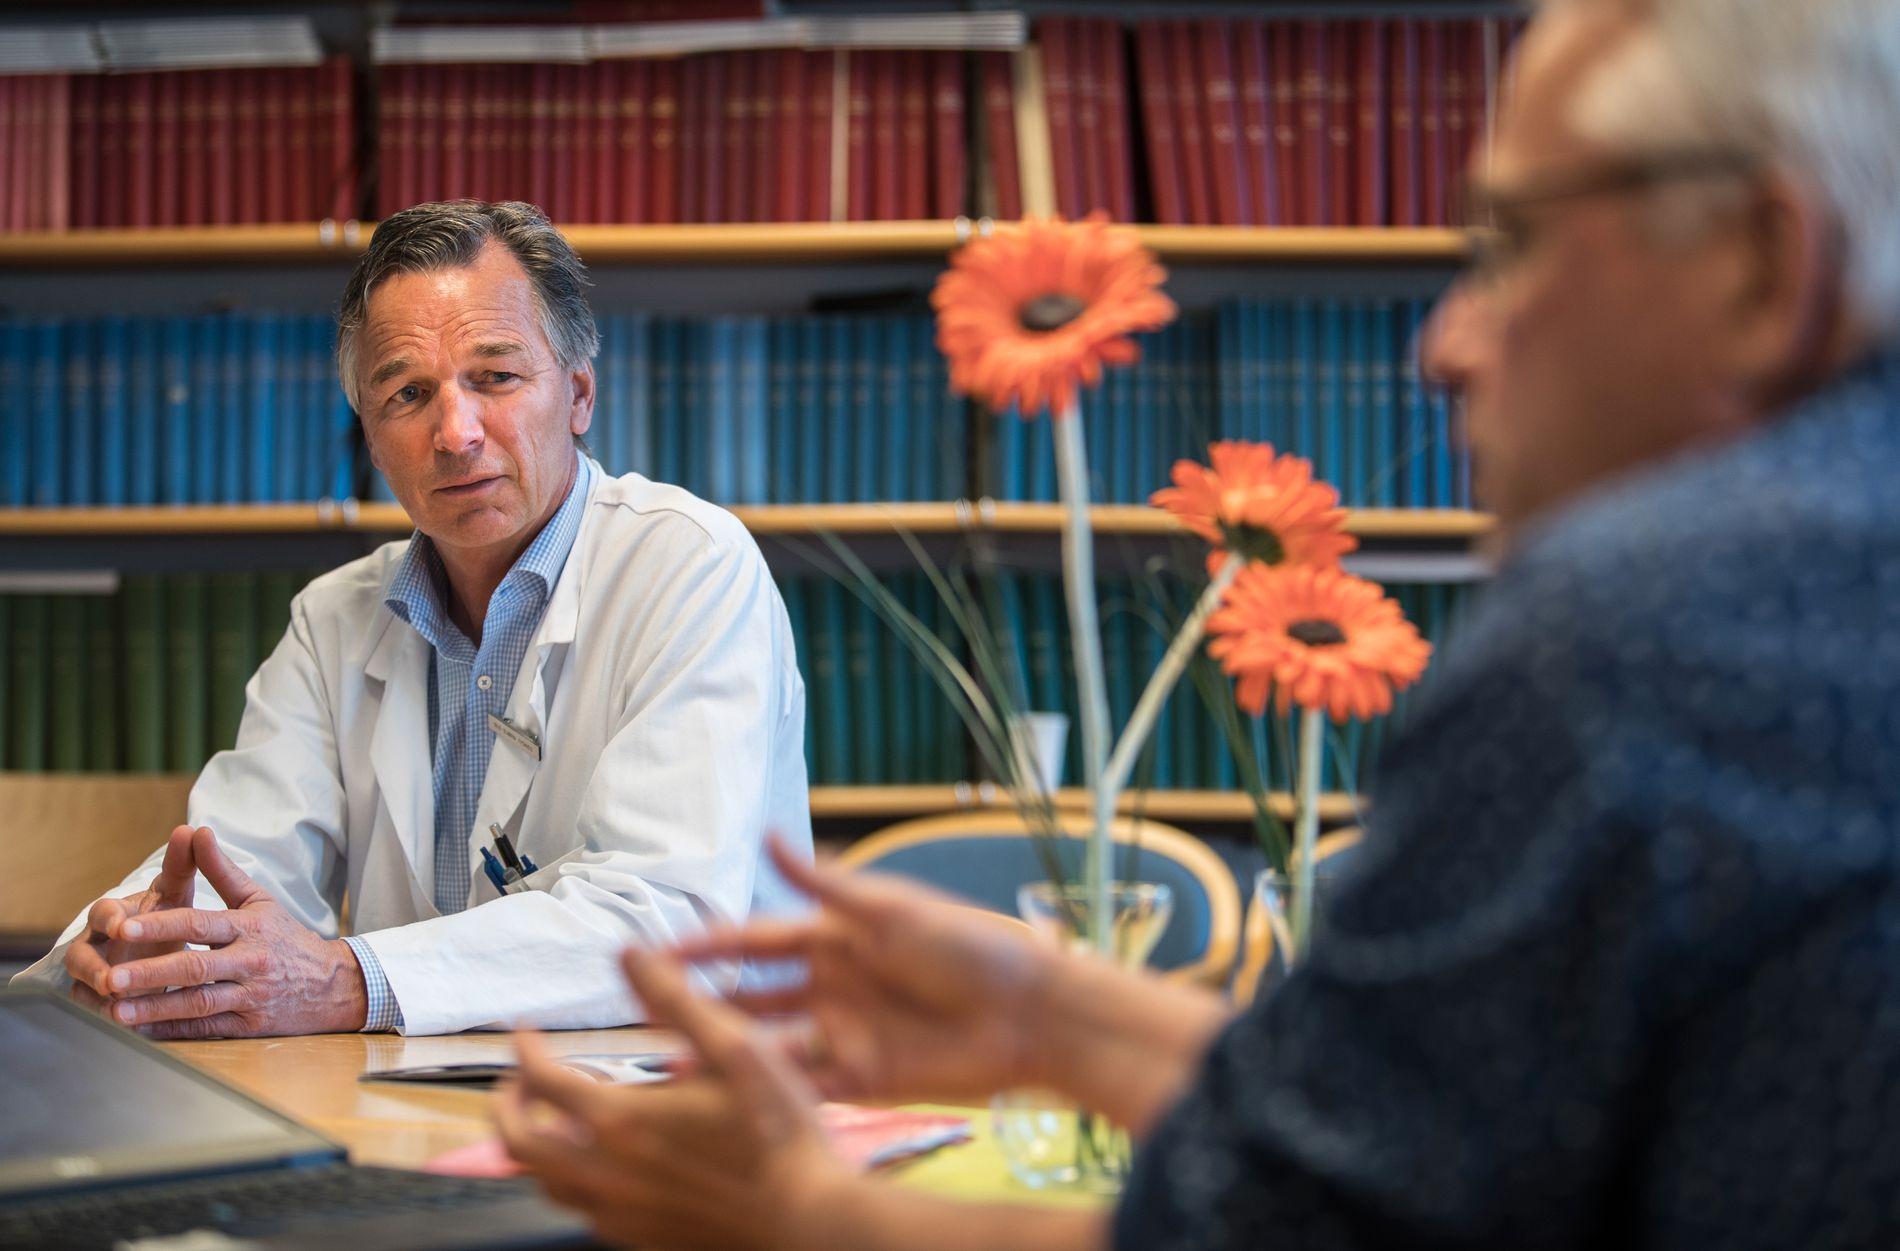 ENGASJERT: Professor og overlege Ole-Bjørn Tysnes har store forhåpninger til fremtidens ALS-forskning.